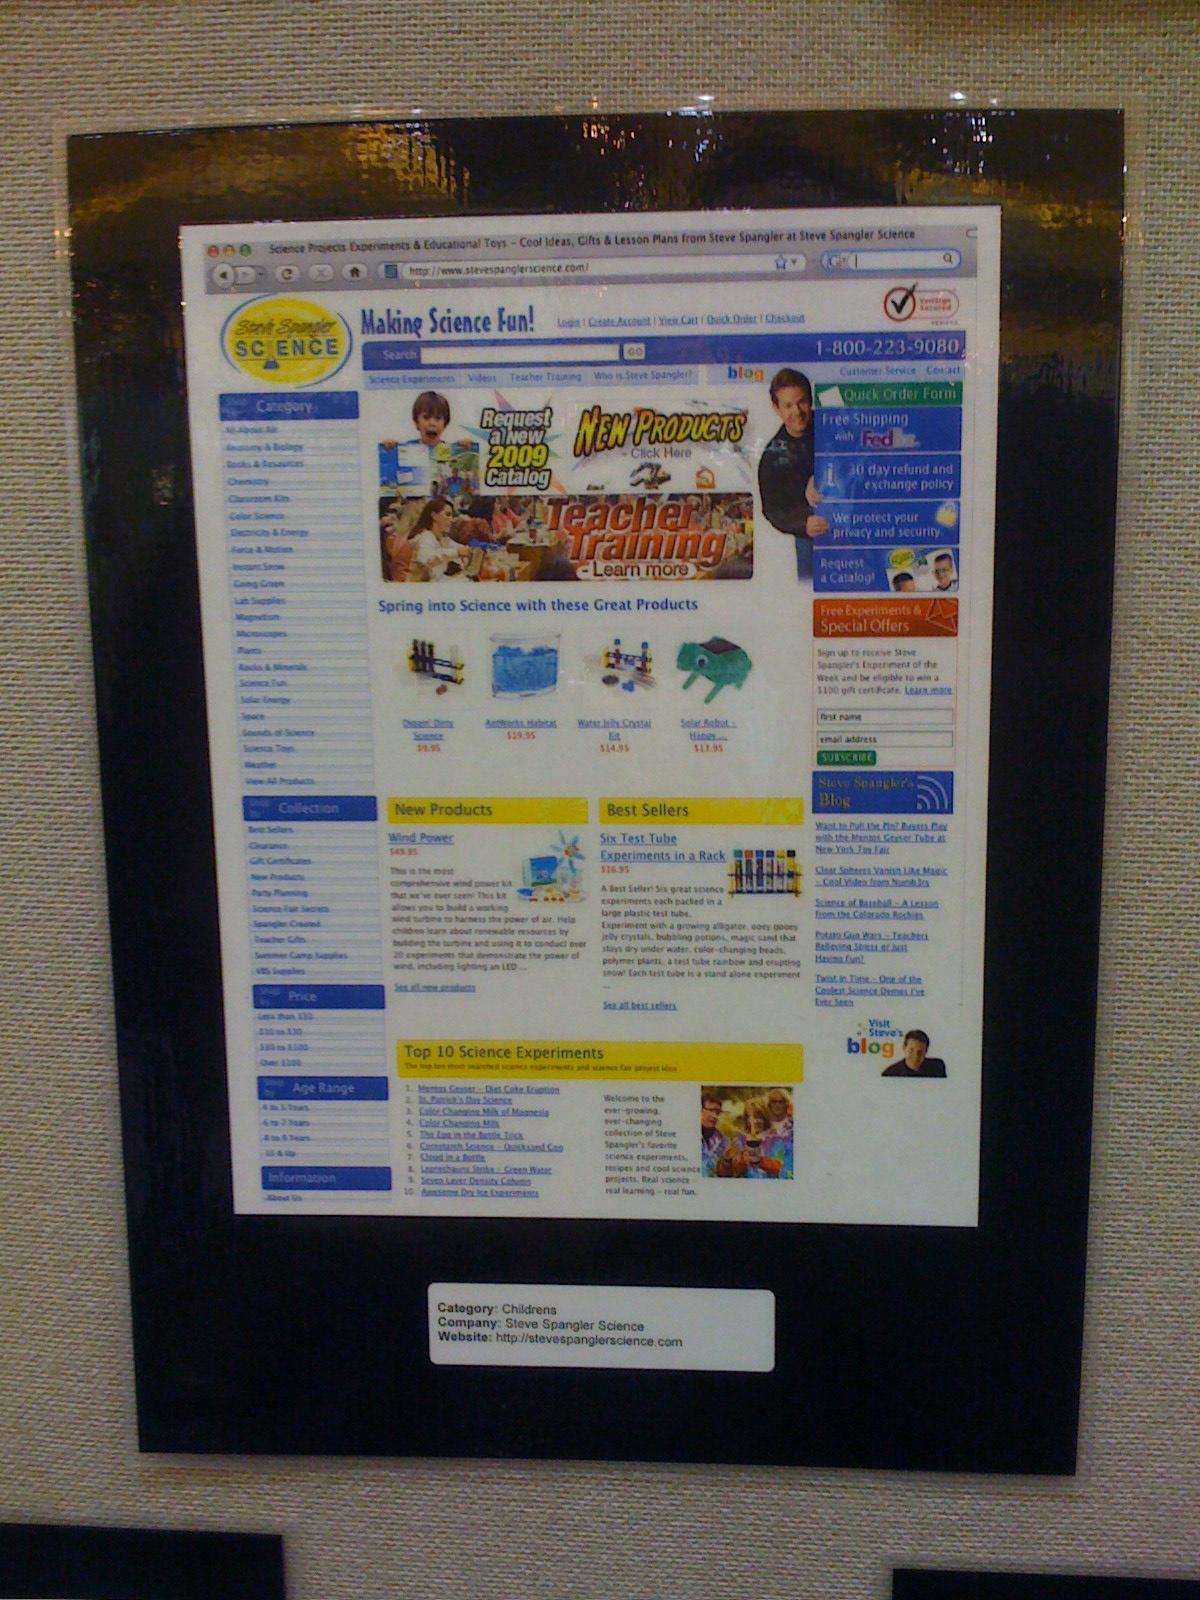 ACCM 2009 - Multi-Channel Merchant